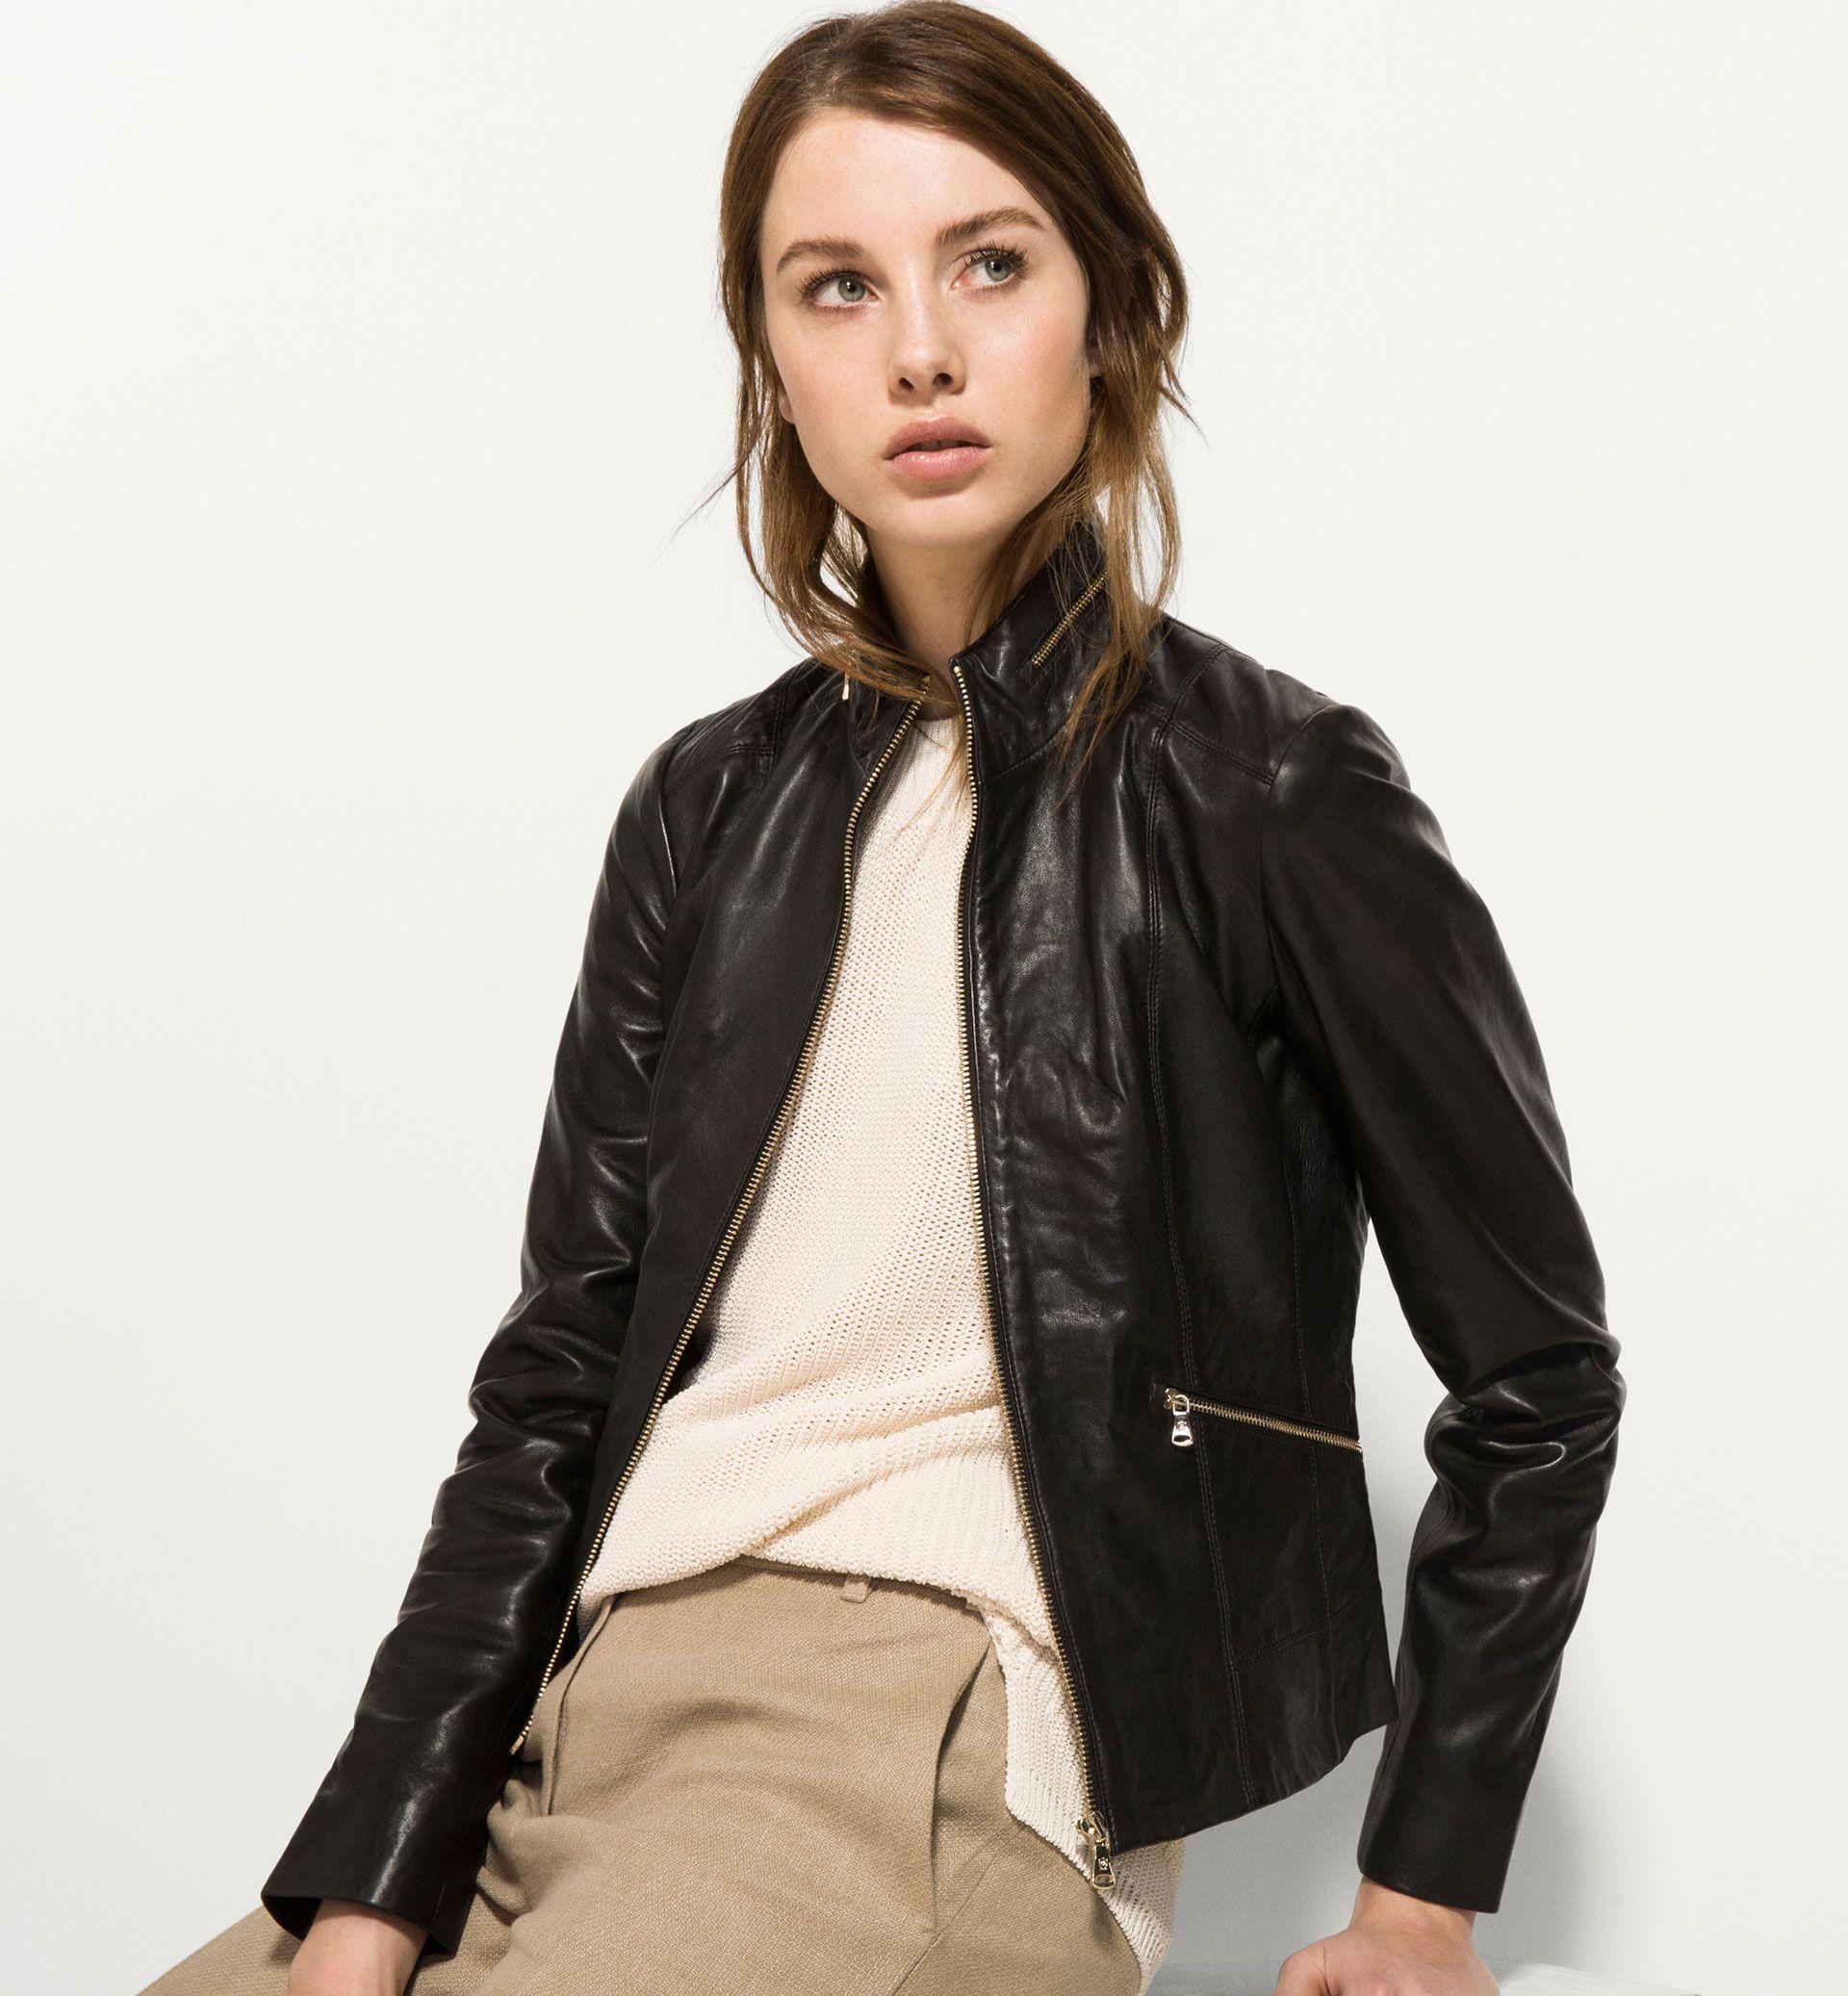 own it BLACK LEATHER JACKET Leather coat jacket